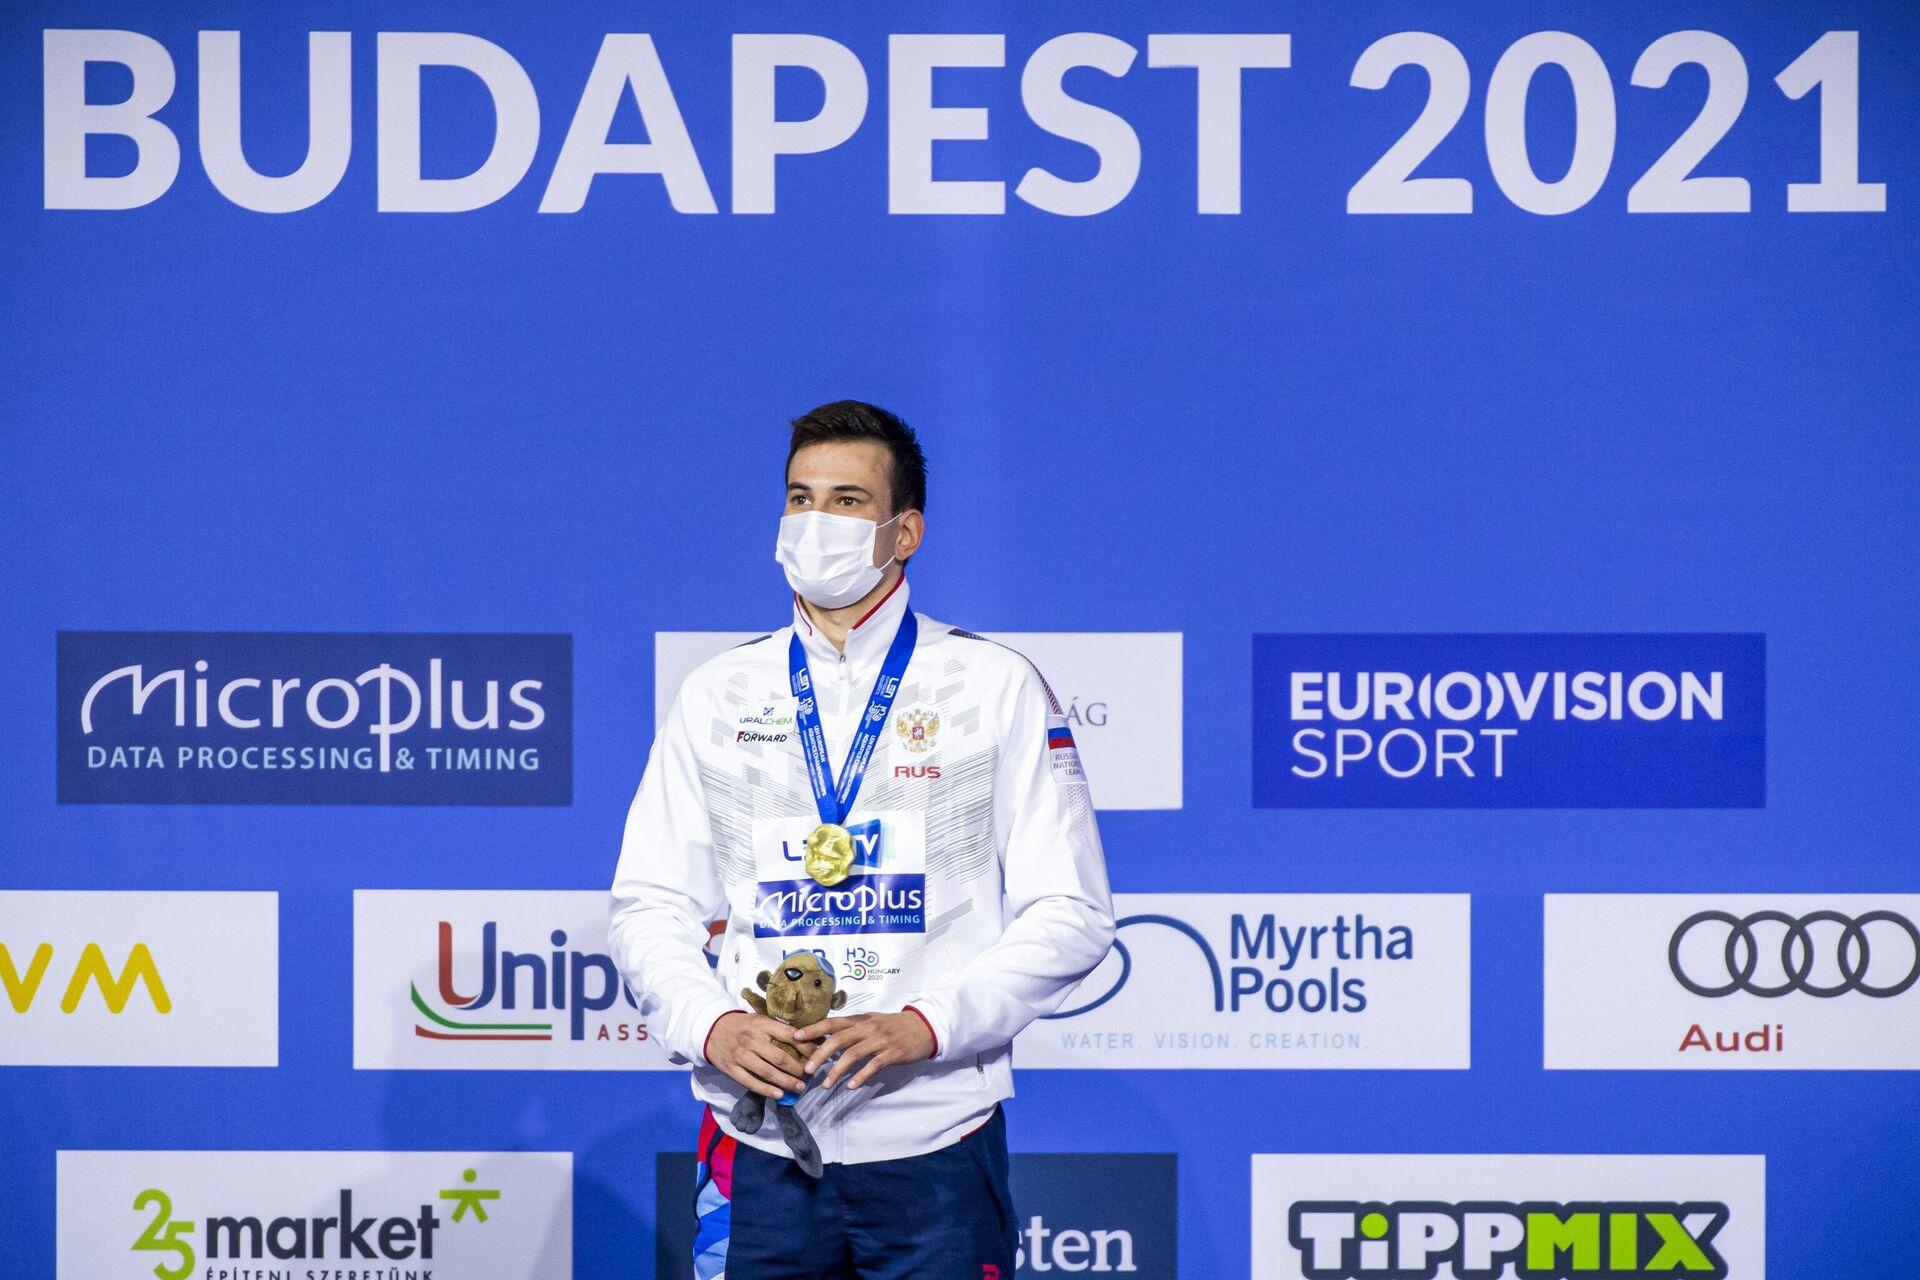 Мартин Малютин на церемонии награждения на чемпионате Европы по водным видам спорта в Будапеште - РИА Новости, 1920, 18.05.2021